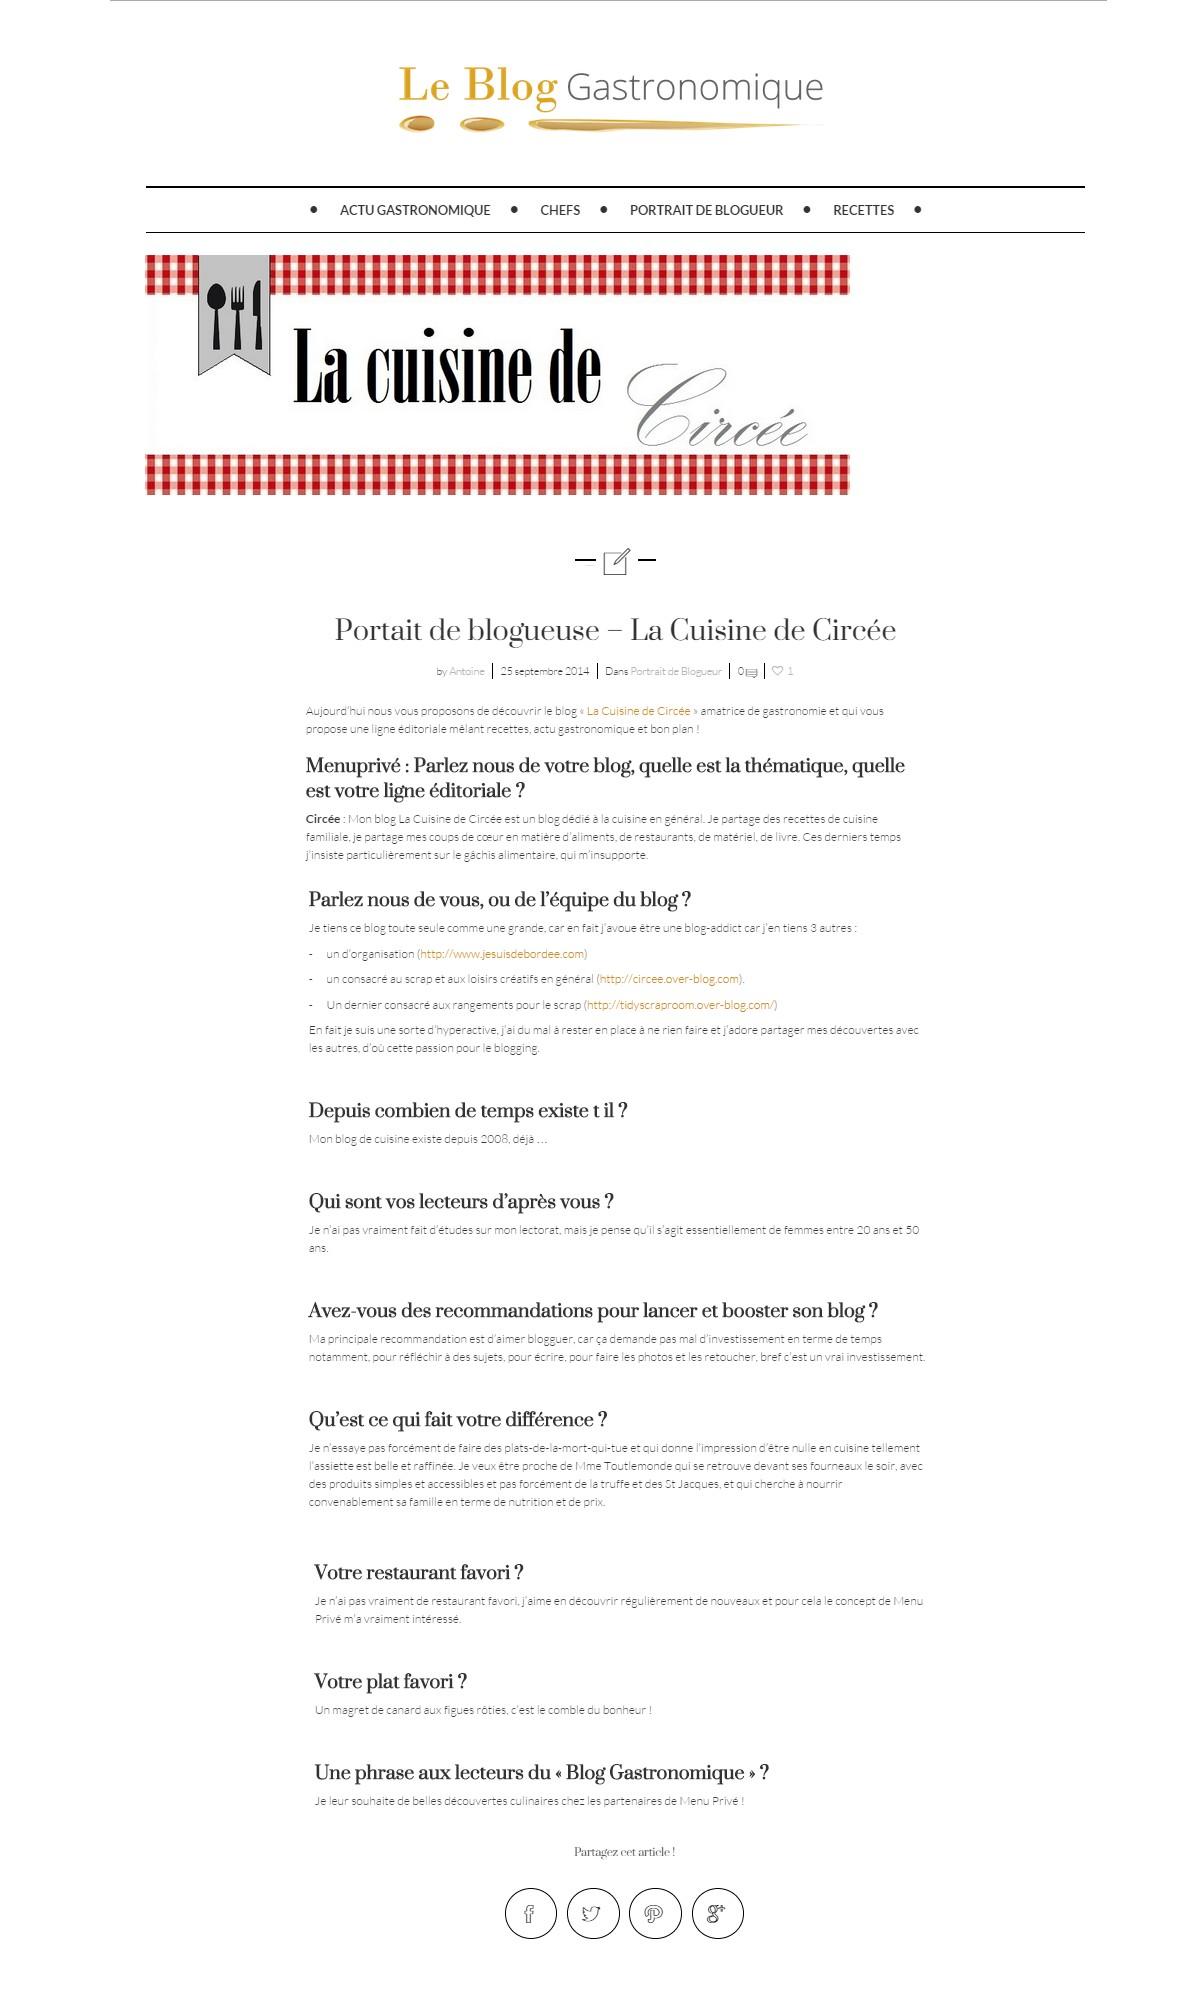 On parle du blog sur le blog gastronomique de menu priv - Blog cuisine gastronomique ...